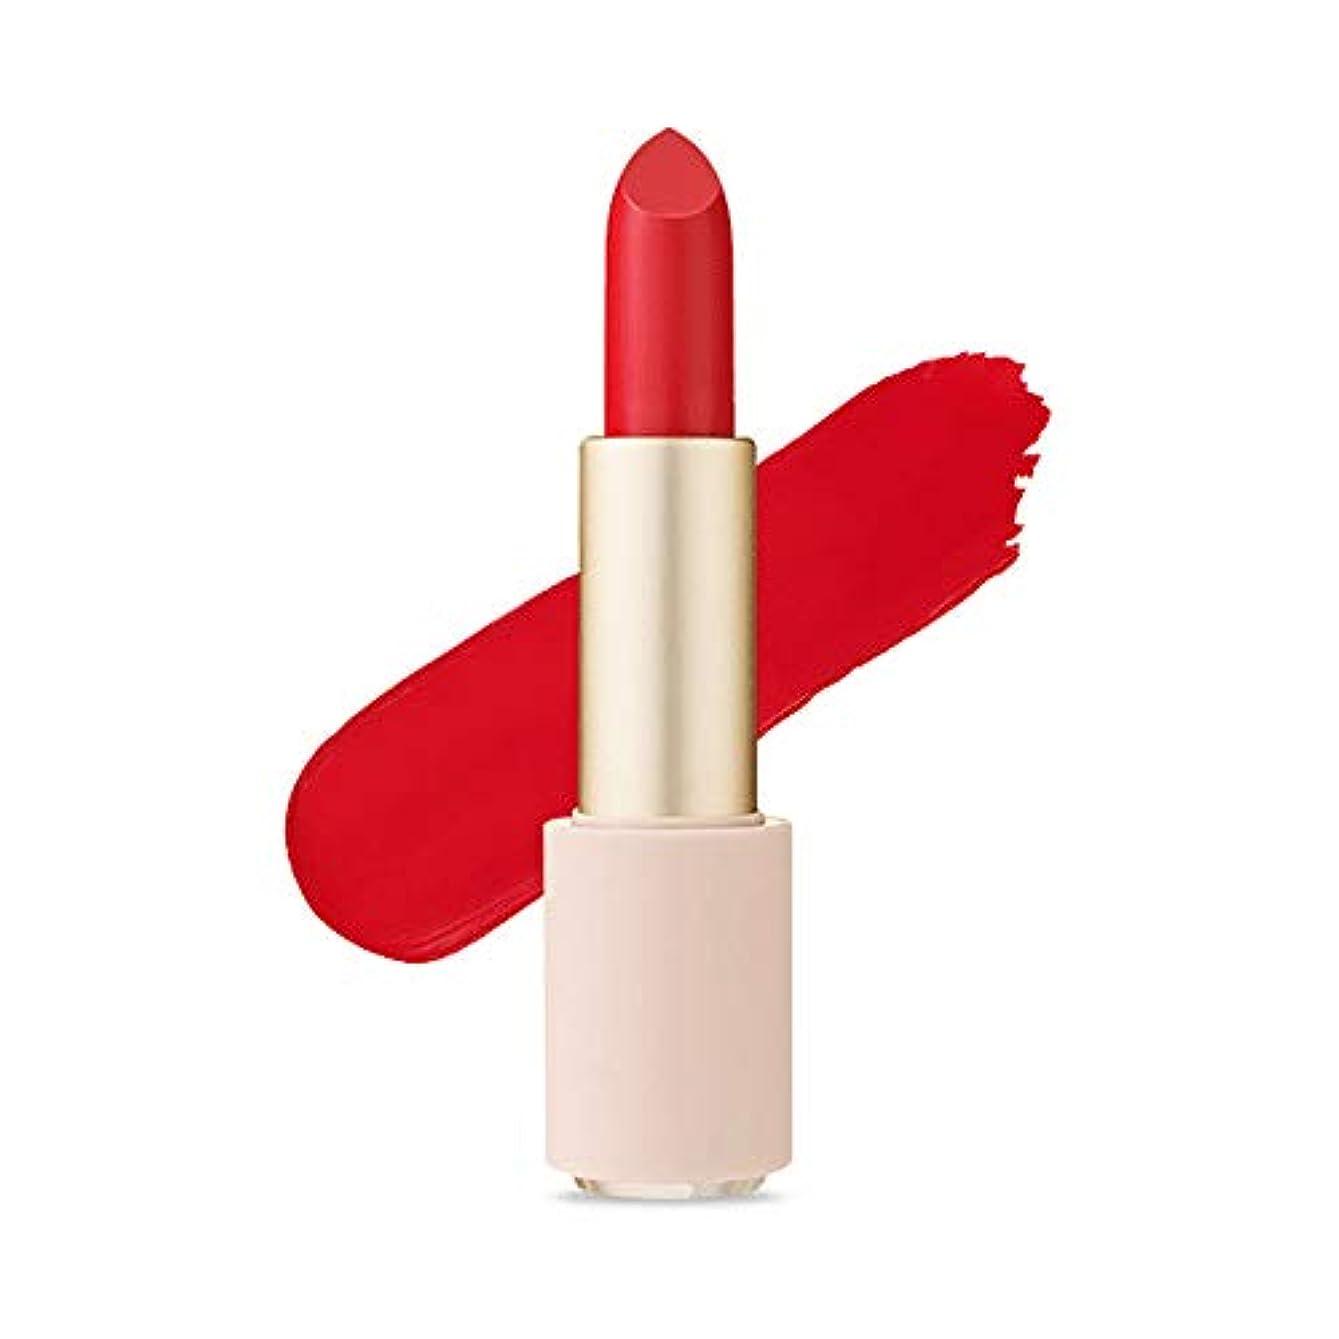 体現する失敗異常なEtude House Better Lips Talk Velvet エチュードハウス ベター リップス - トーク ベルベット (# RD313 Wannabe Red) [並行輸入品]